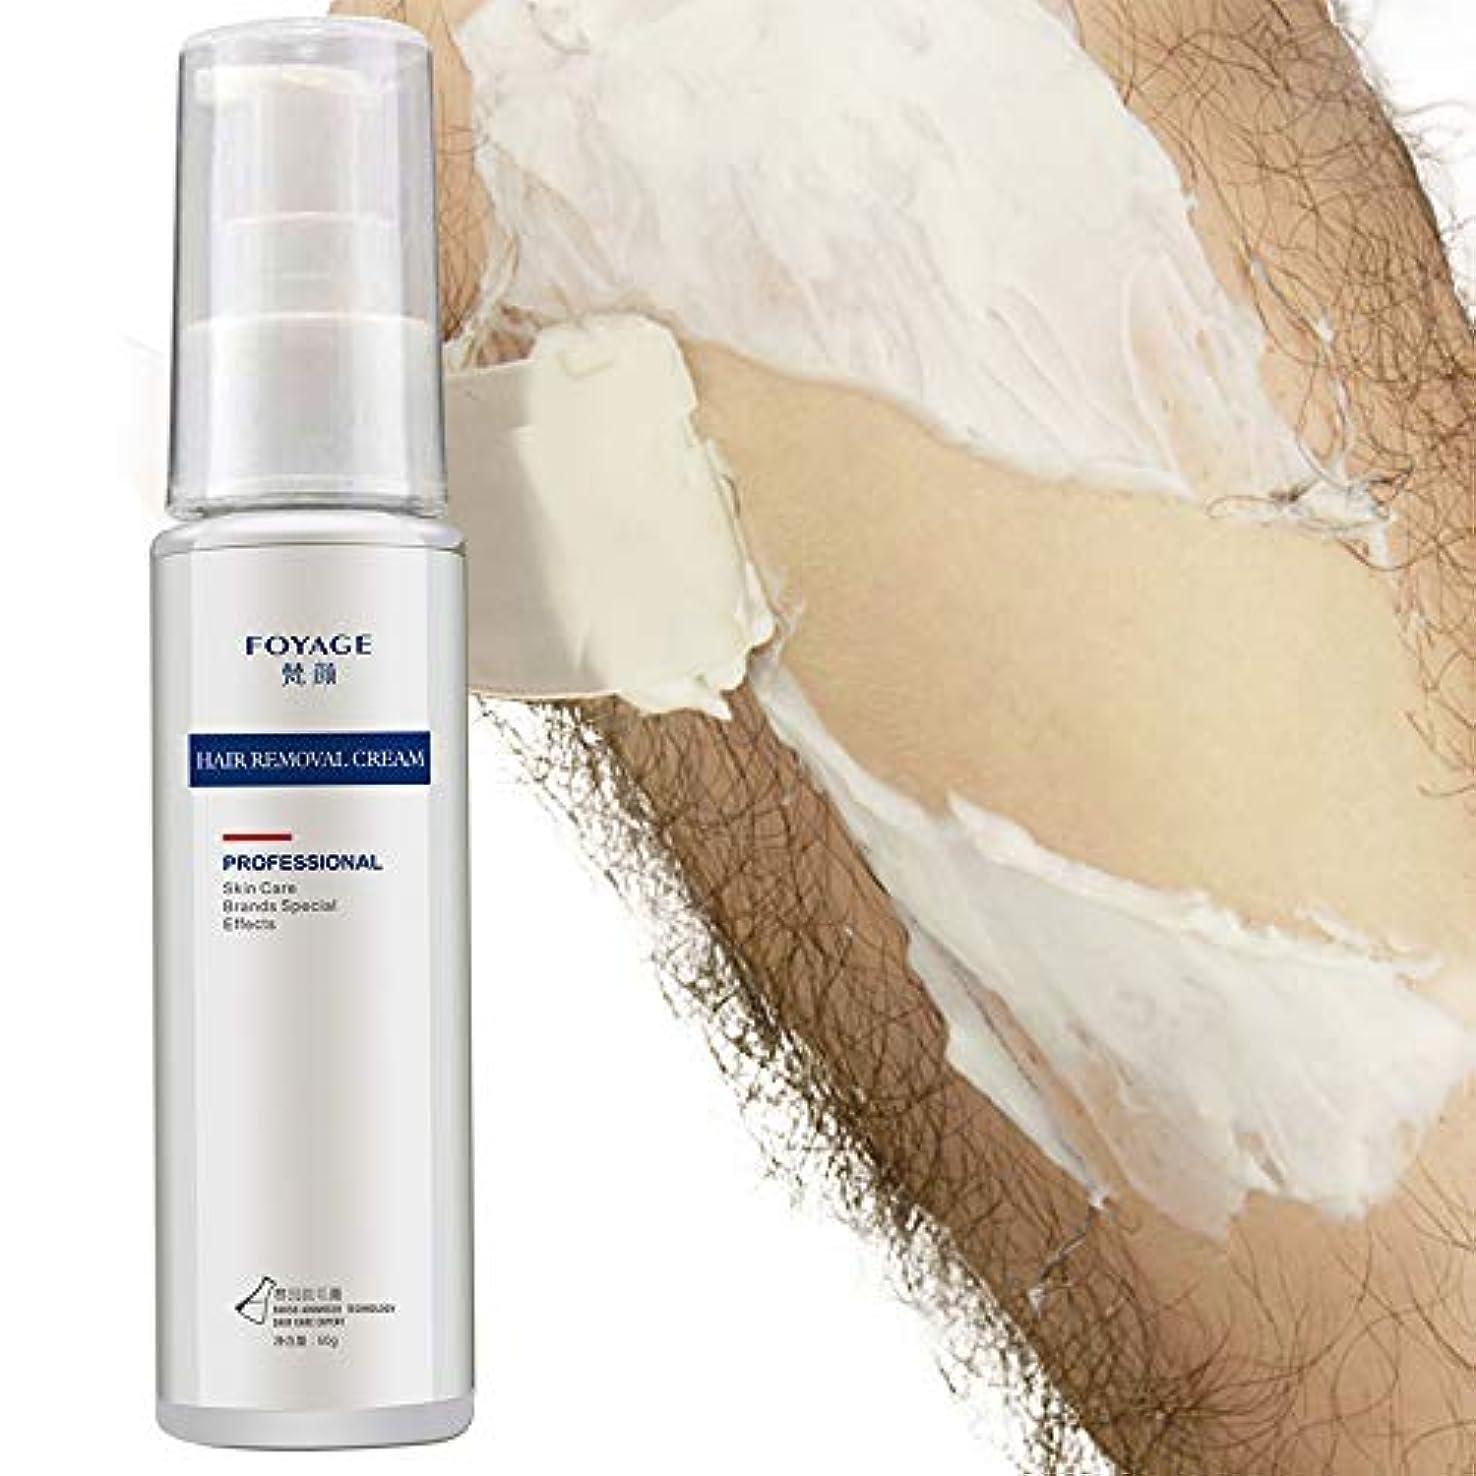 スラッシュ性交延期するFOYAGE 脱毛 クリーム60g (剛毛、脚毛、胸毛) 用 顔と陰部に使用 禁止